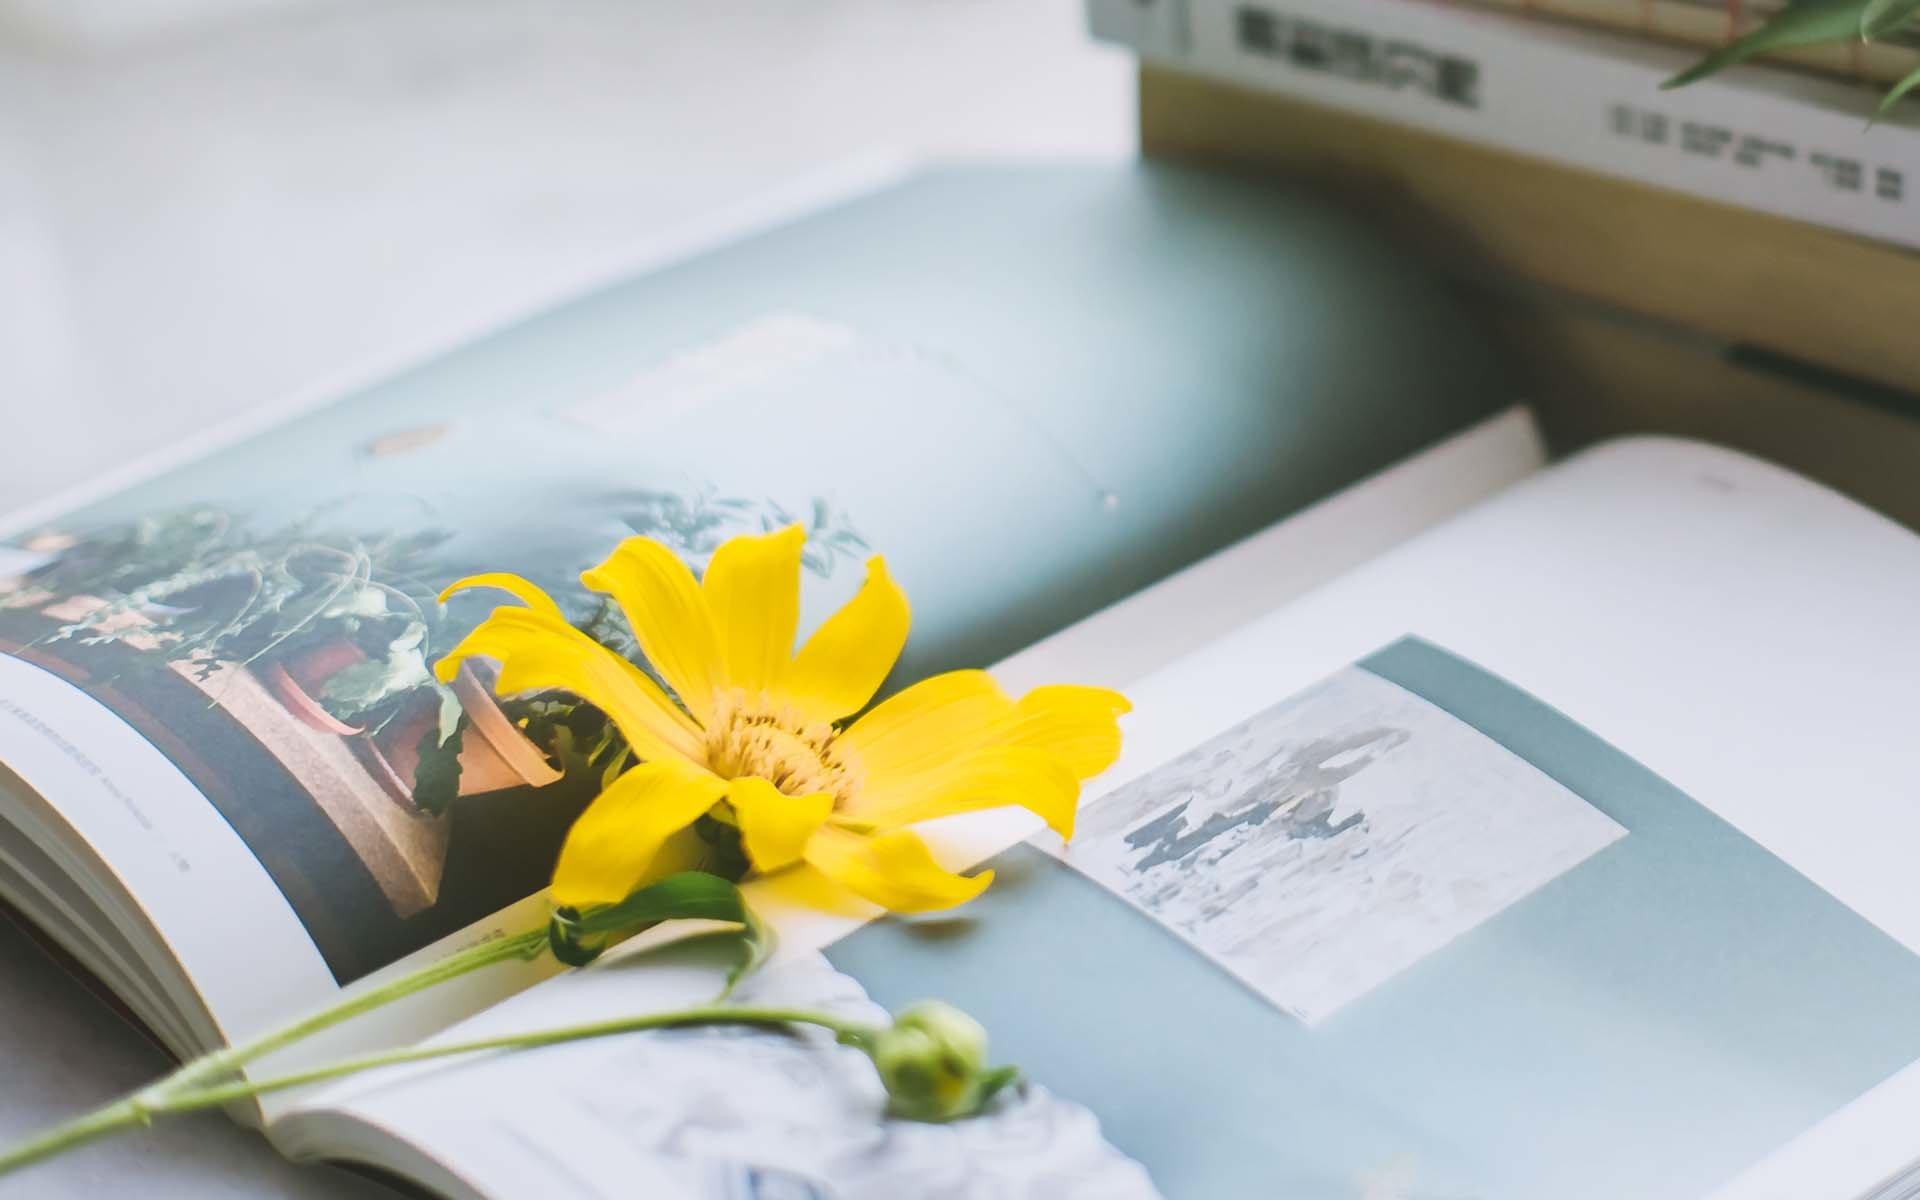 感慨生活不容易现实又很扎心的句子说说:愿你苦尽甘来终有日